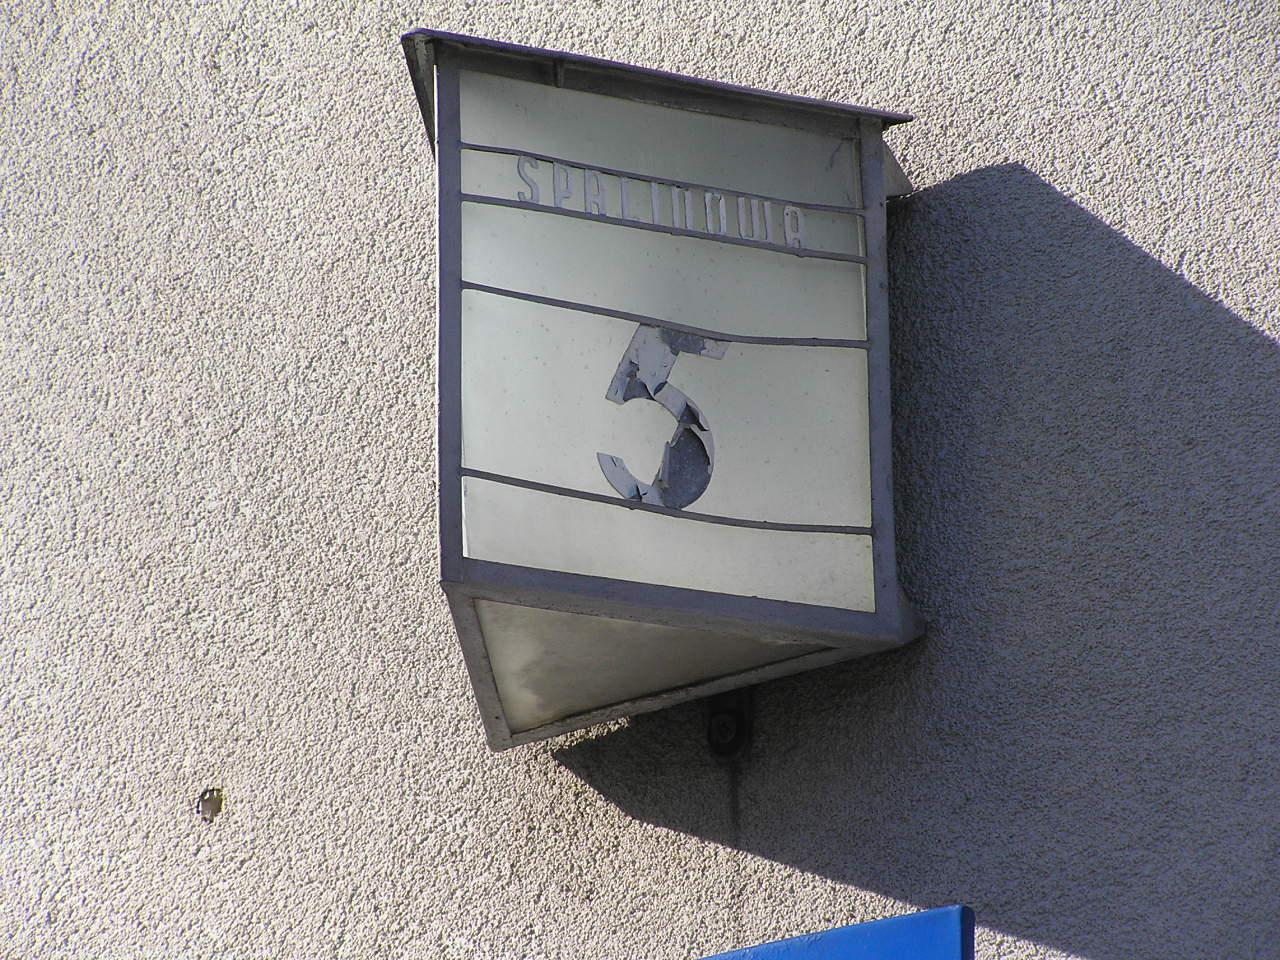 Latarenka adresowa - Spalinowa 5